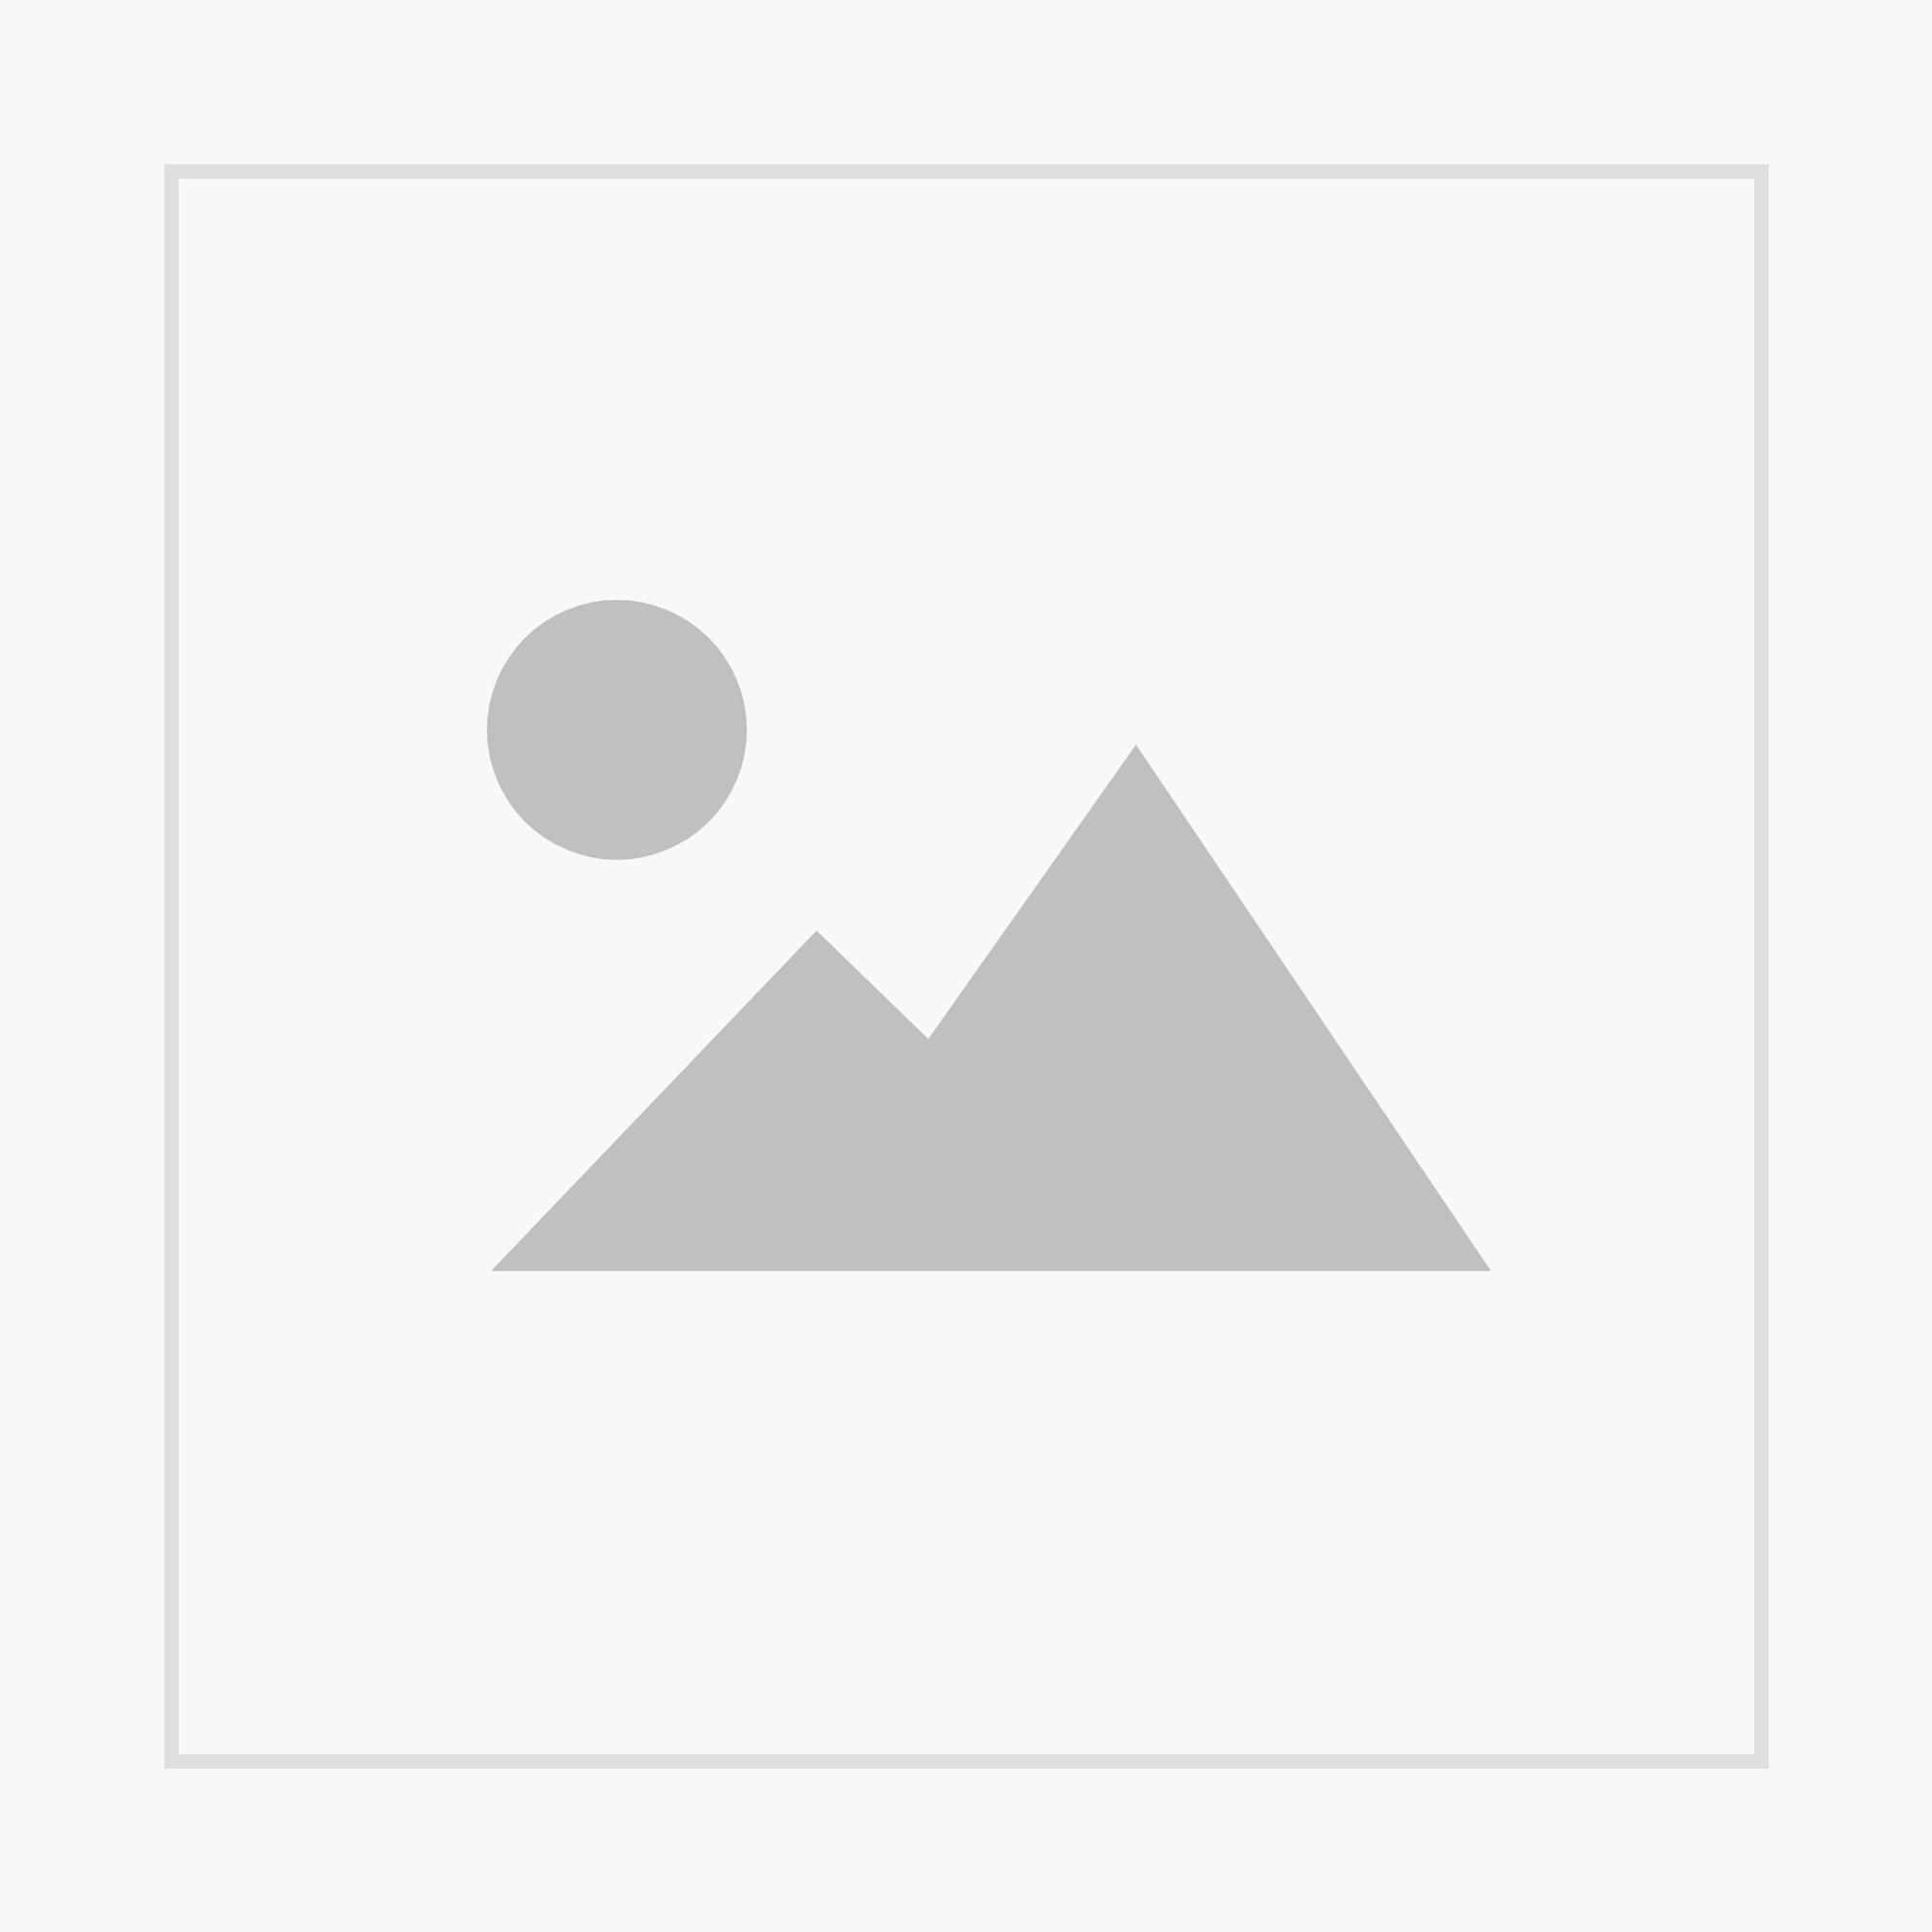 Essen & Trinken für jeden Tag- Spezial 03/2017